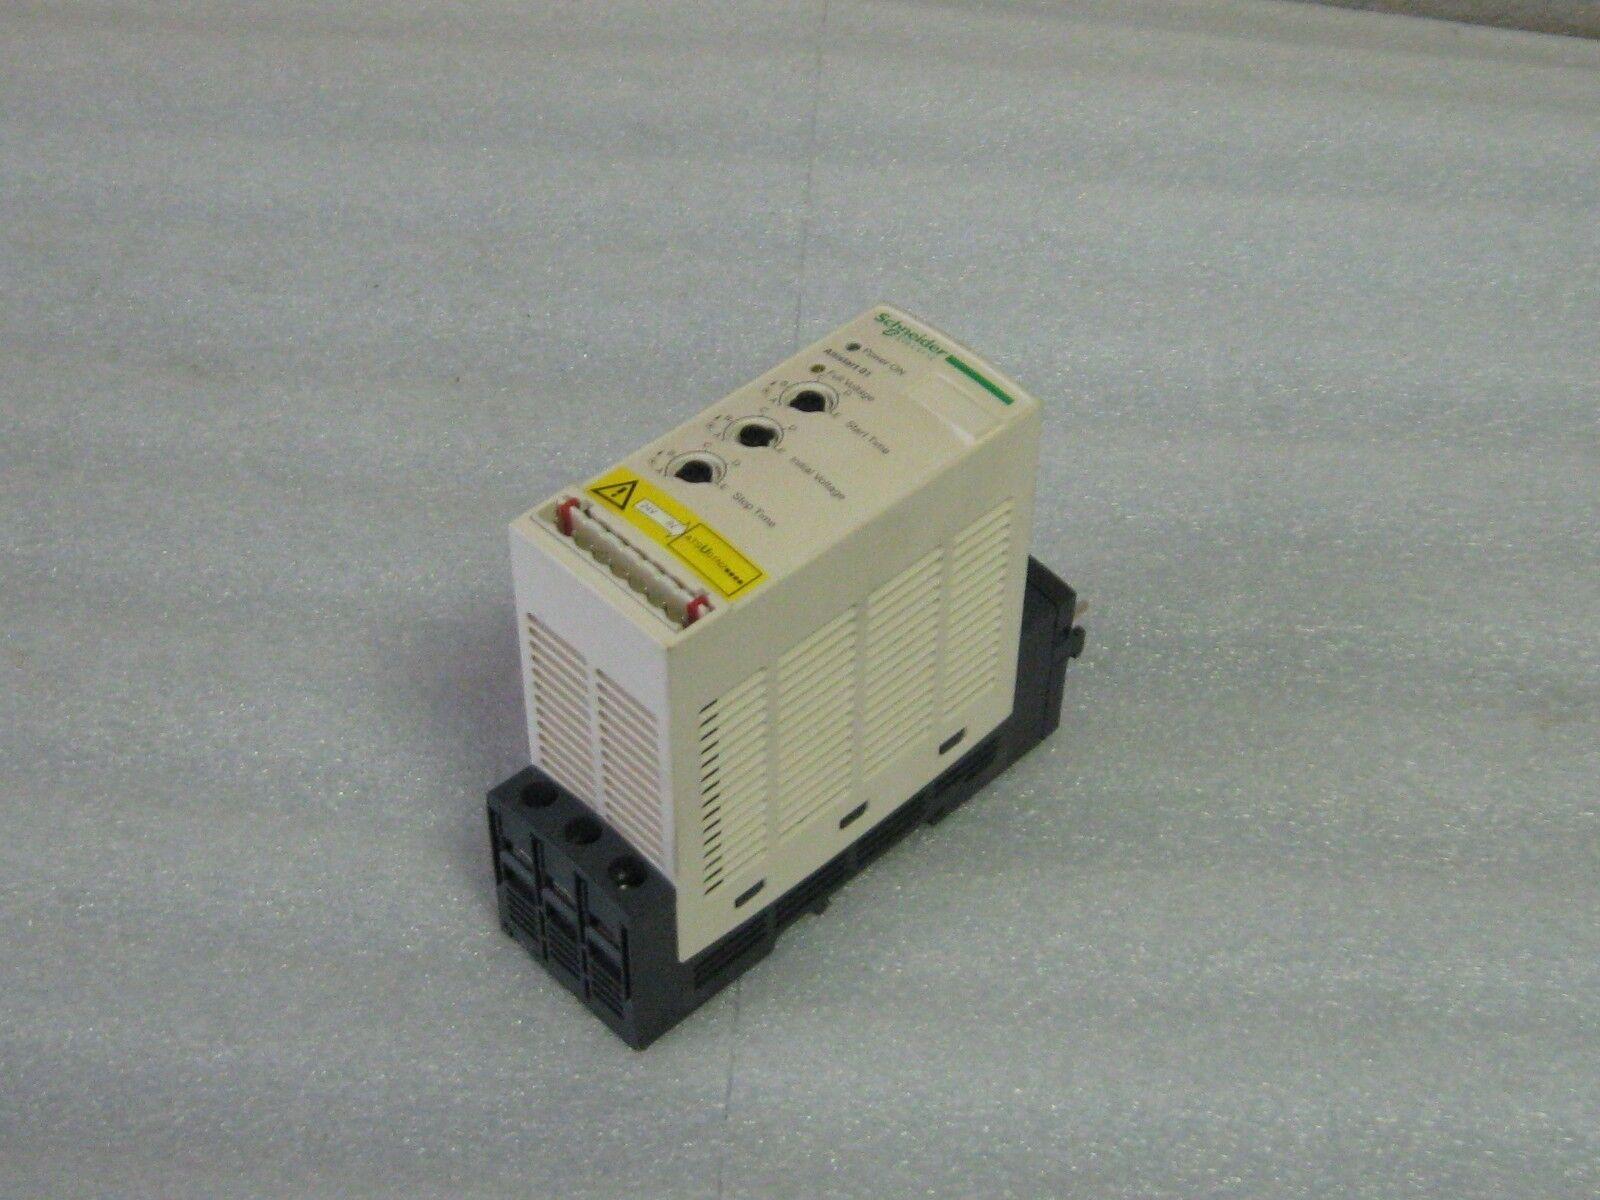 Telemecanique / Schneider Soft Start, ATSU01N206LT,  Used, Warranty